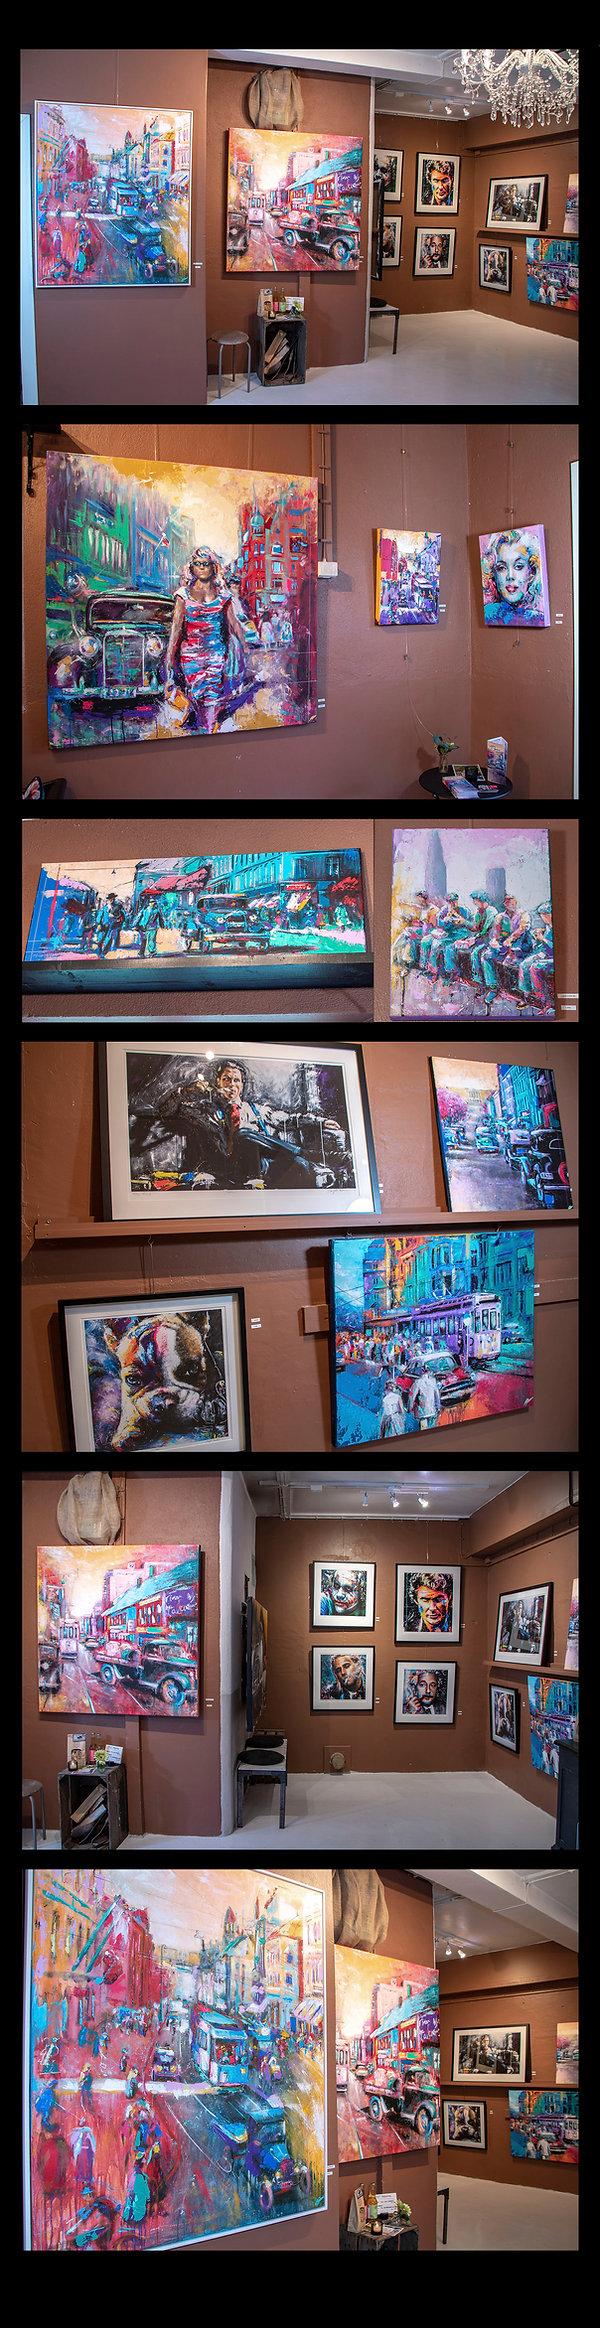 DetOdeGalleri-Collage_001H.jpg